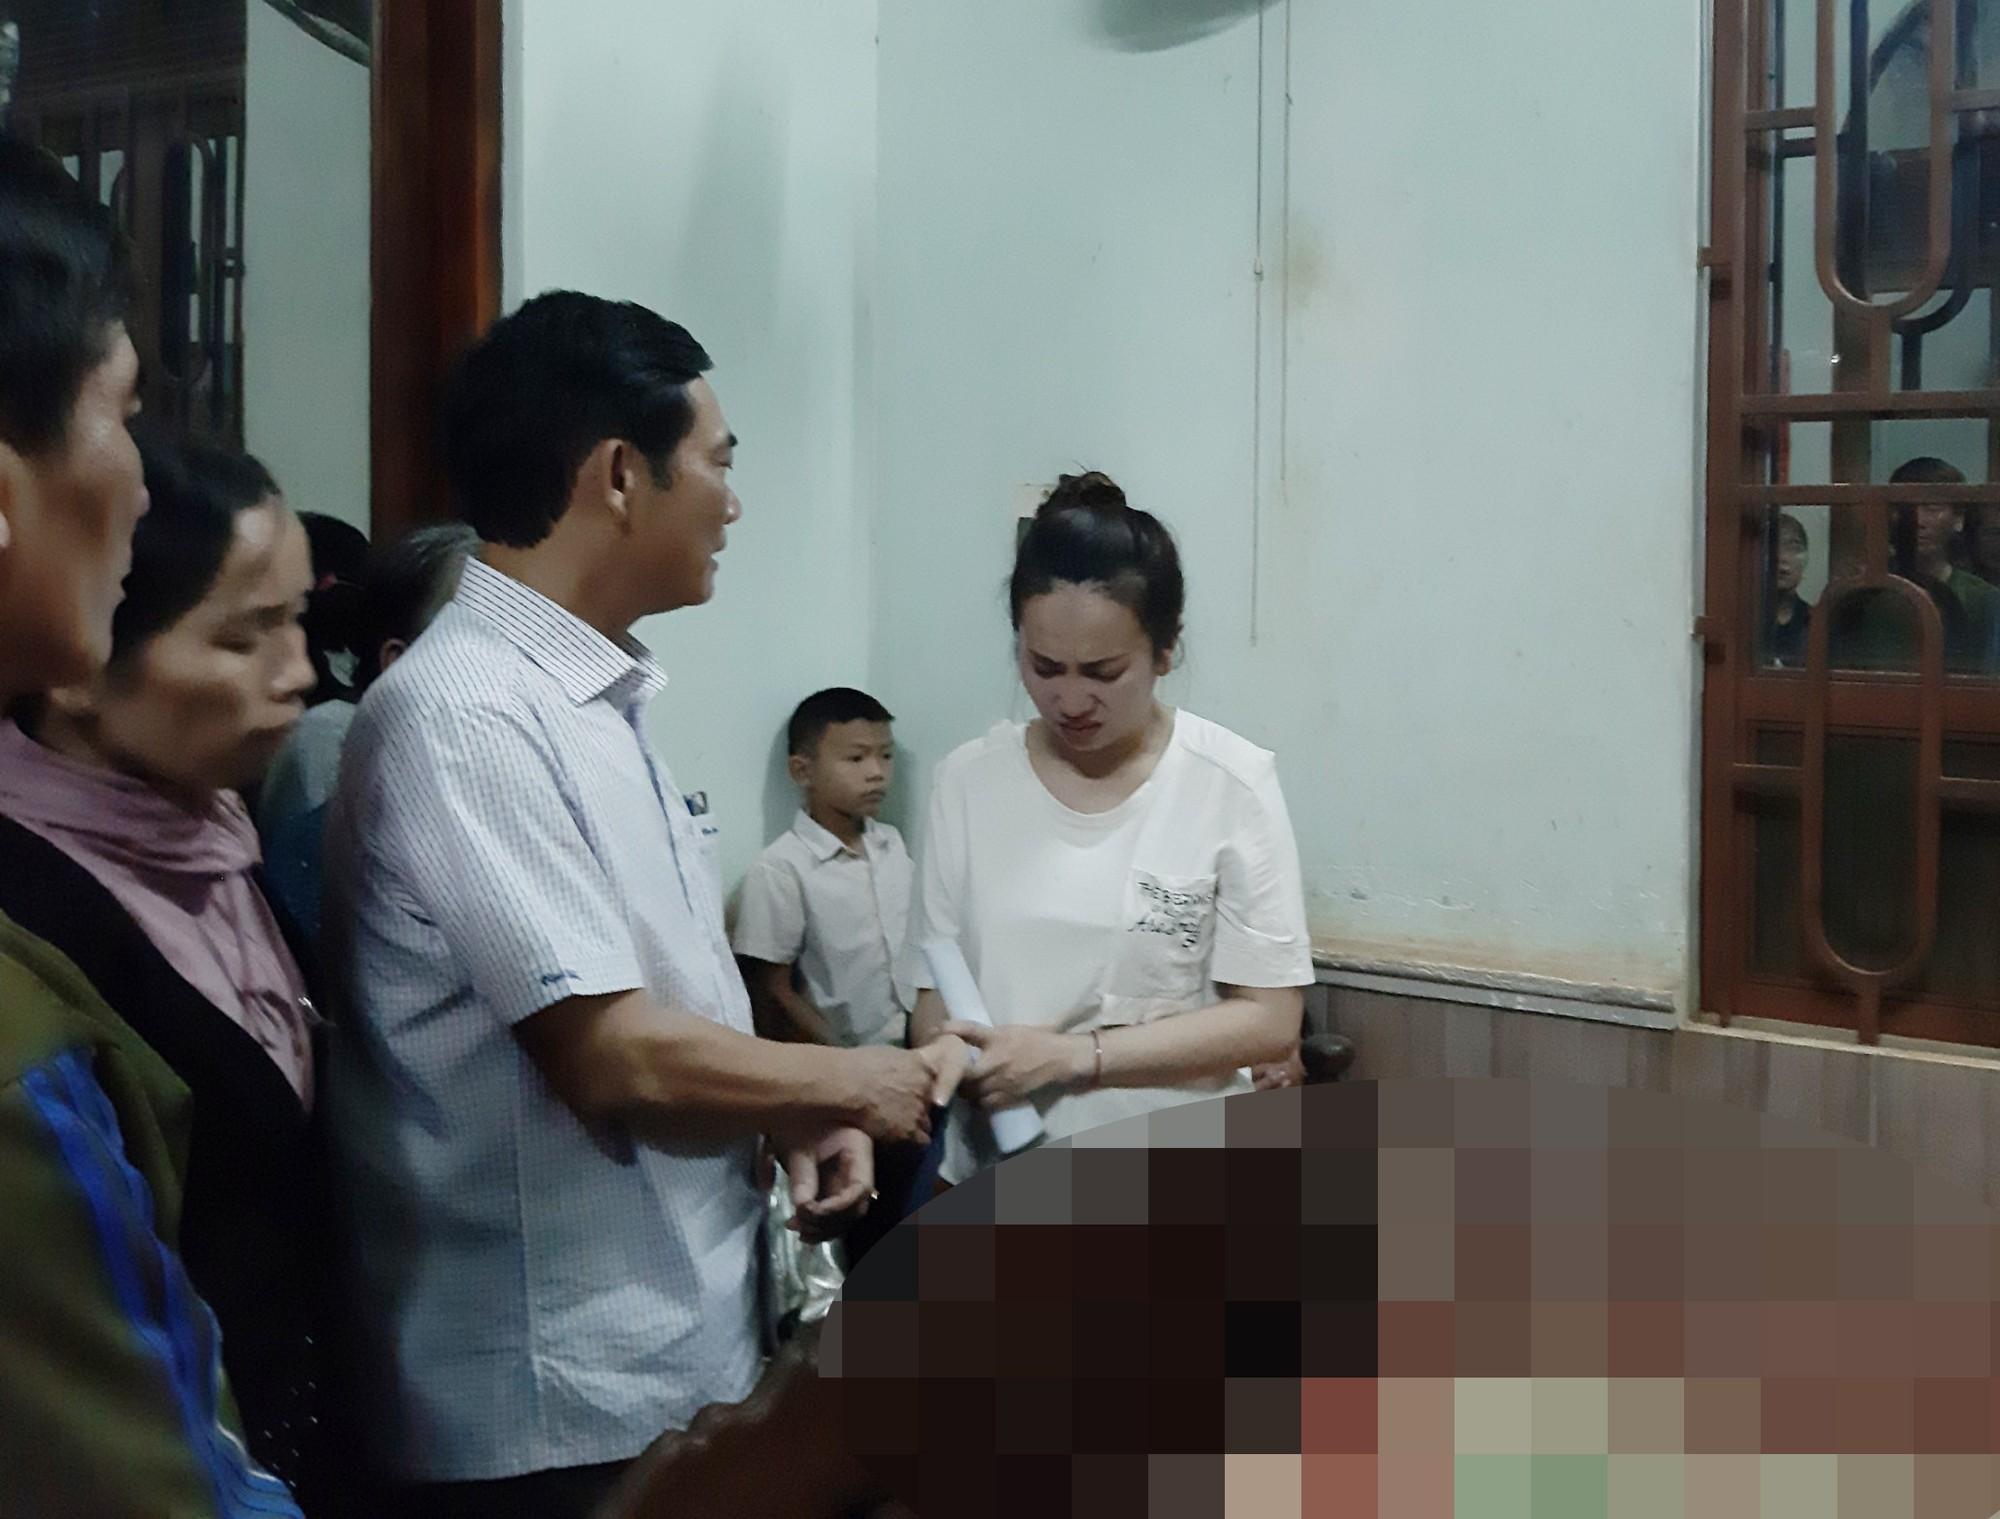 Hình ảnh Vụ tại nạn khiến 3 chị em tử vong: Người chị 19 tuổi chưa kịp mặc váy cưới số 1